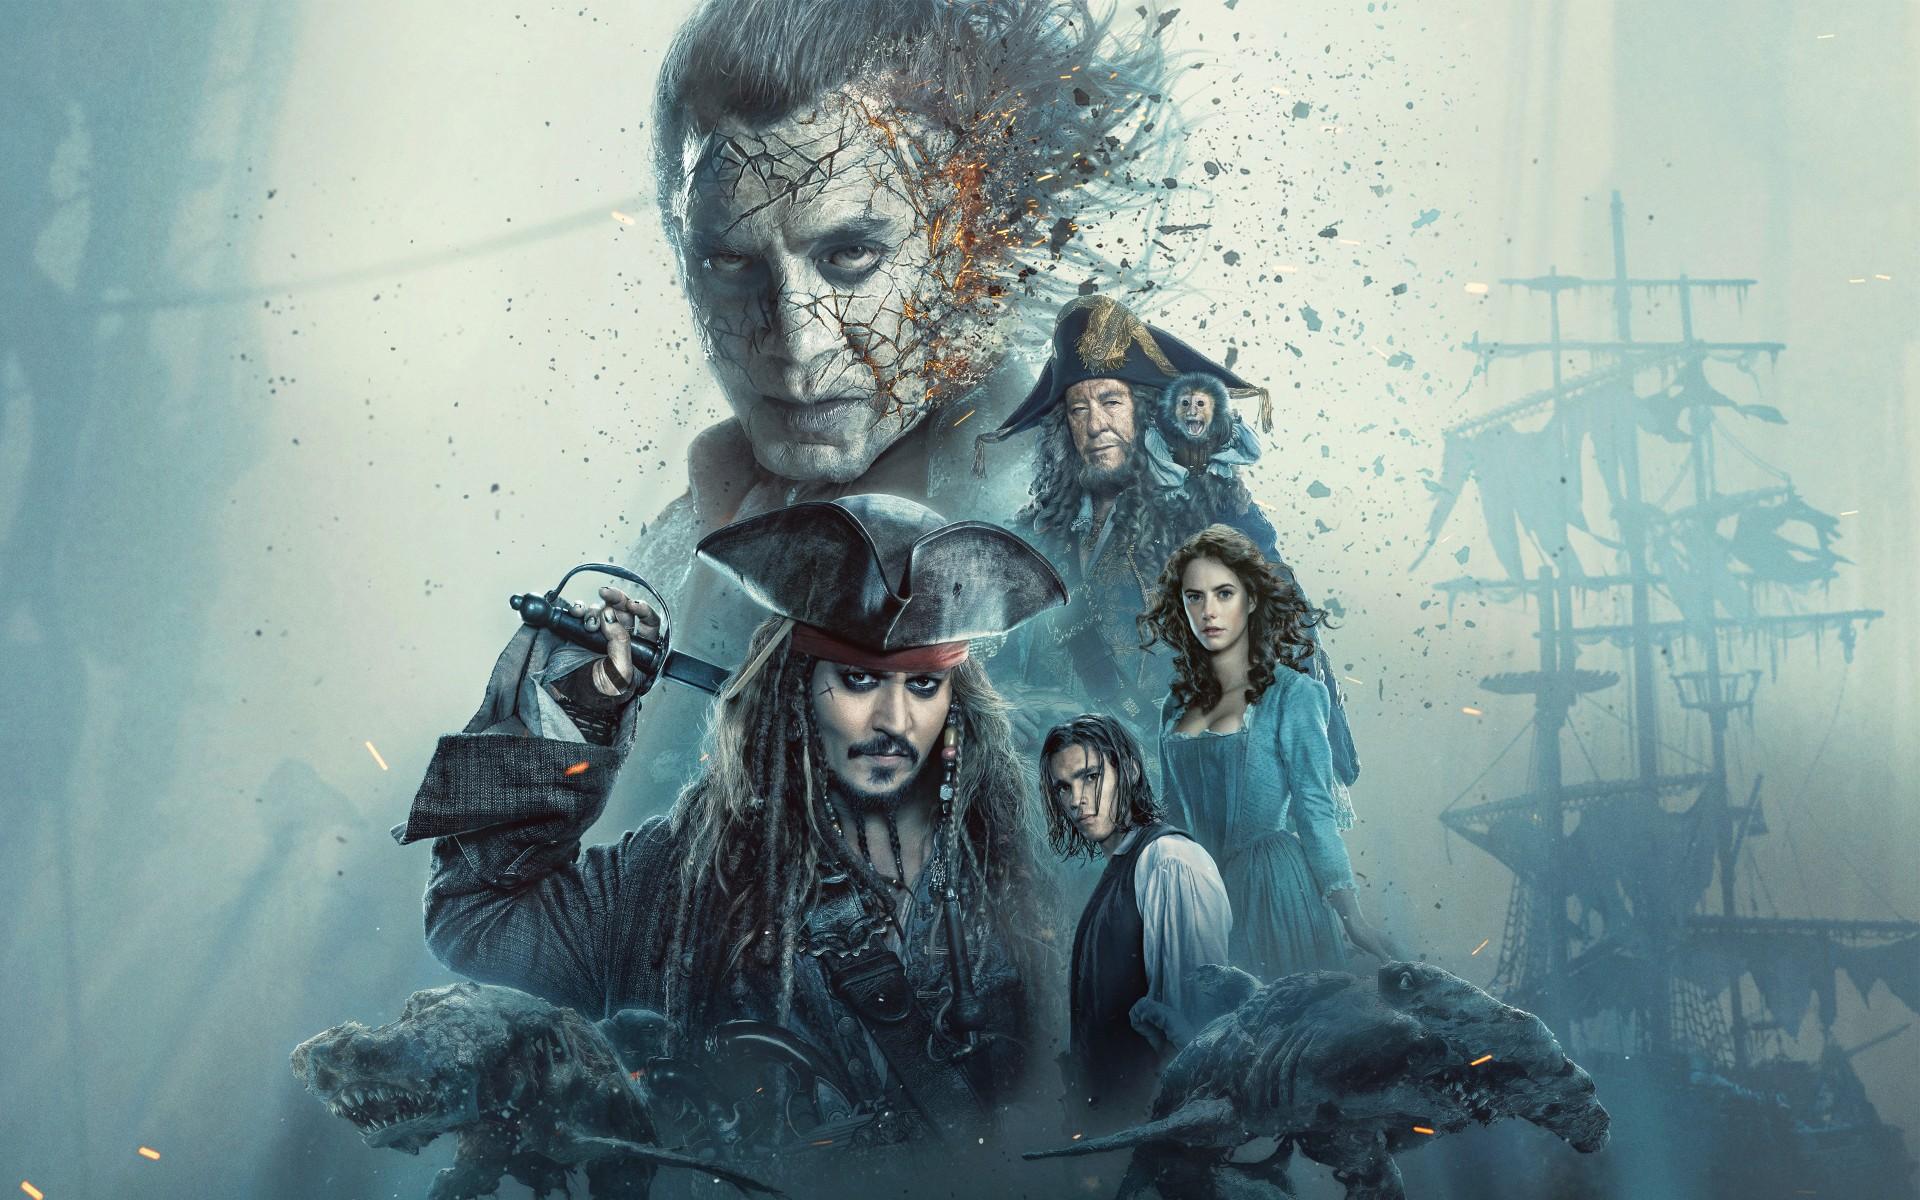 Картинки Пираты, Карибы, Мертвые, Сказки, Люди, Люди фото и обои на рабочий стол